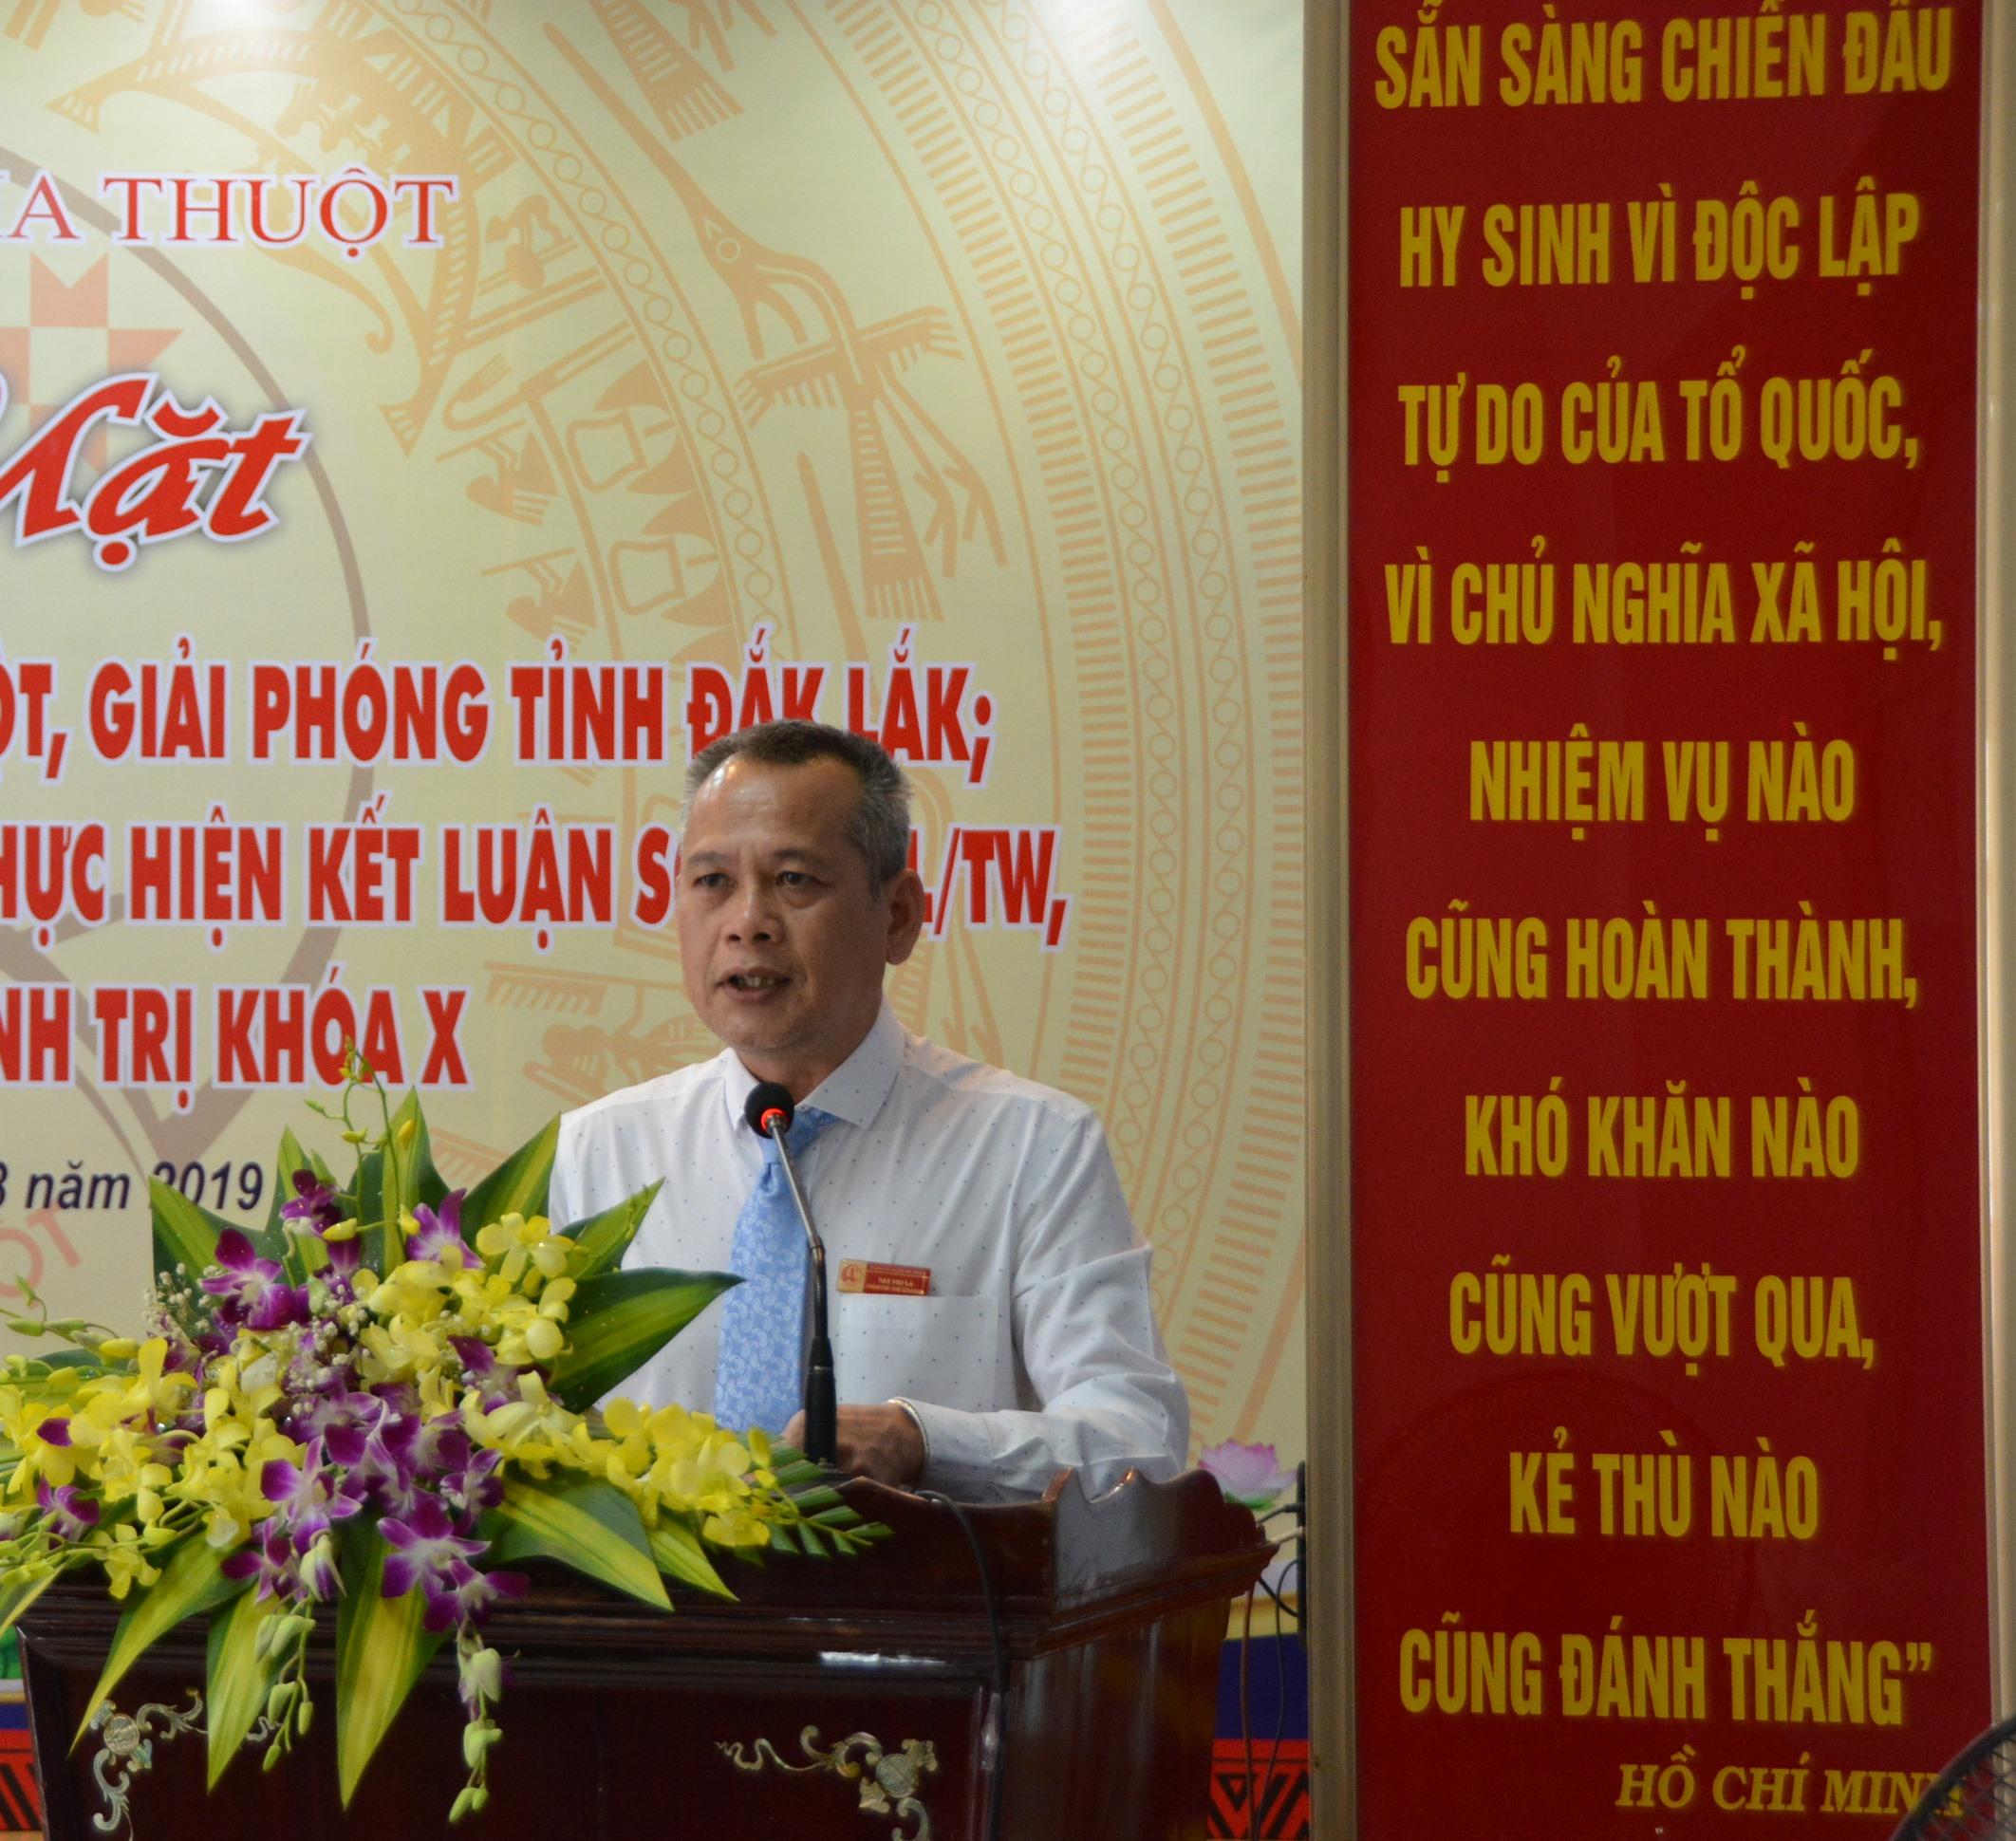 Thành phố Buôn Ma Thuột gặp mặt kỷ niệm 44 năm Chiến thắng Buôn Ma Thuột, giải phóng tỉnh Đắk Lắk.